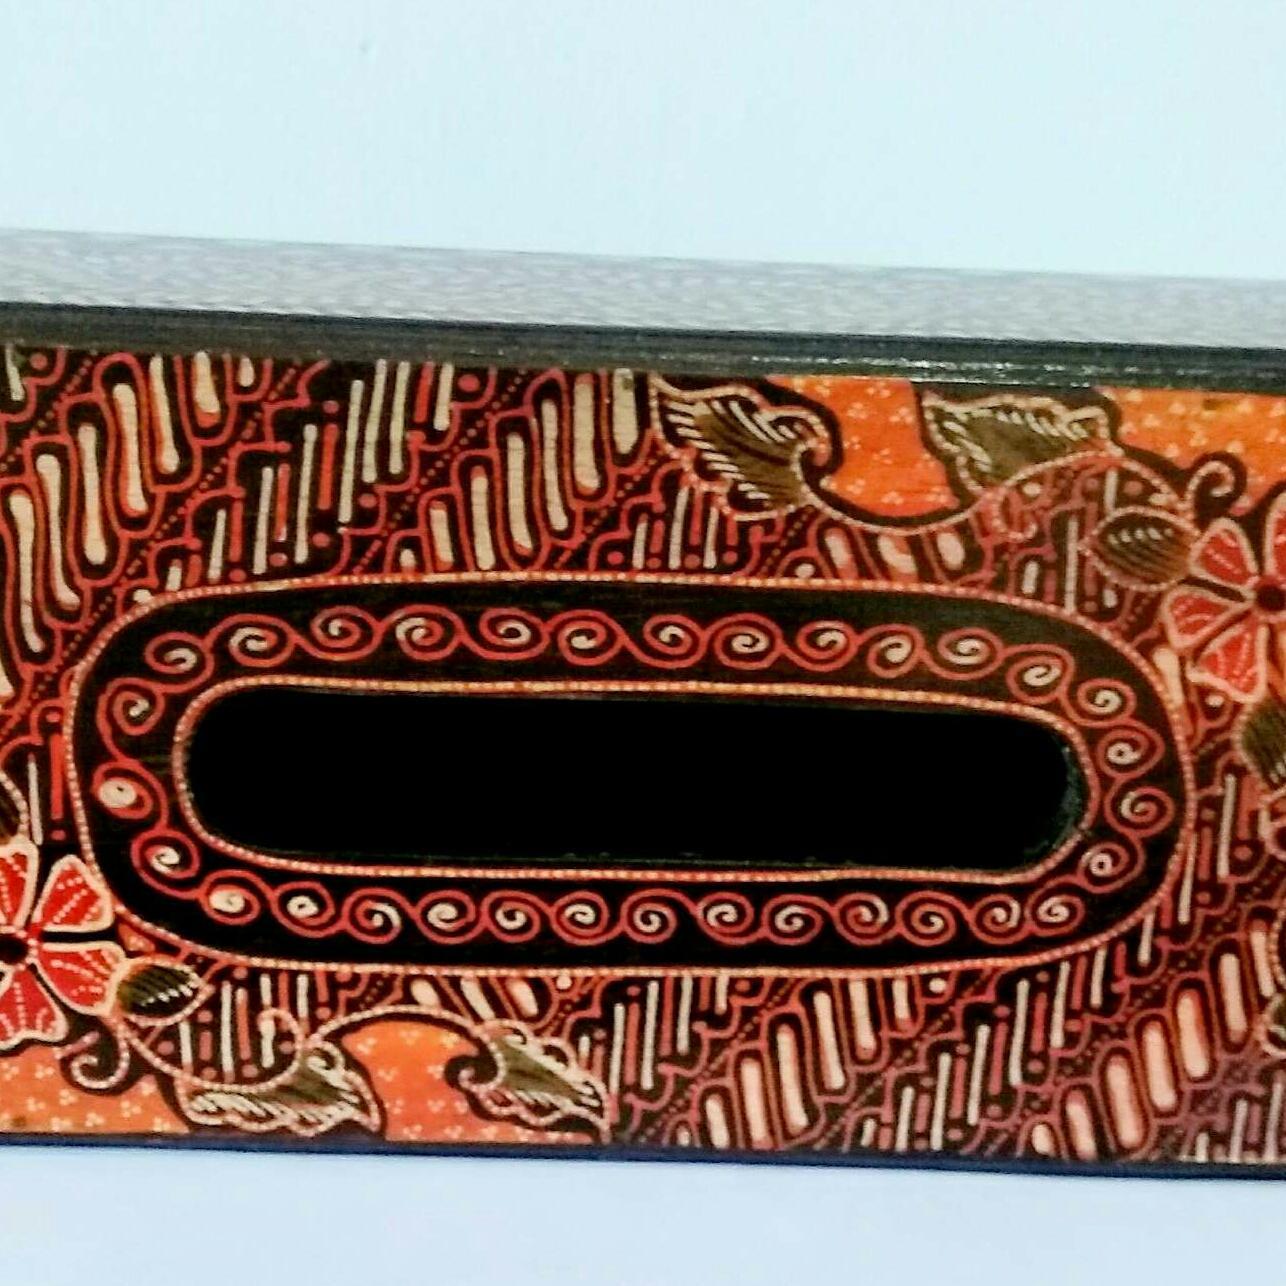 Filo Shop-Tempat tisu/kotak tisu kayu batik 25x13x8cm .